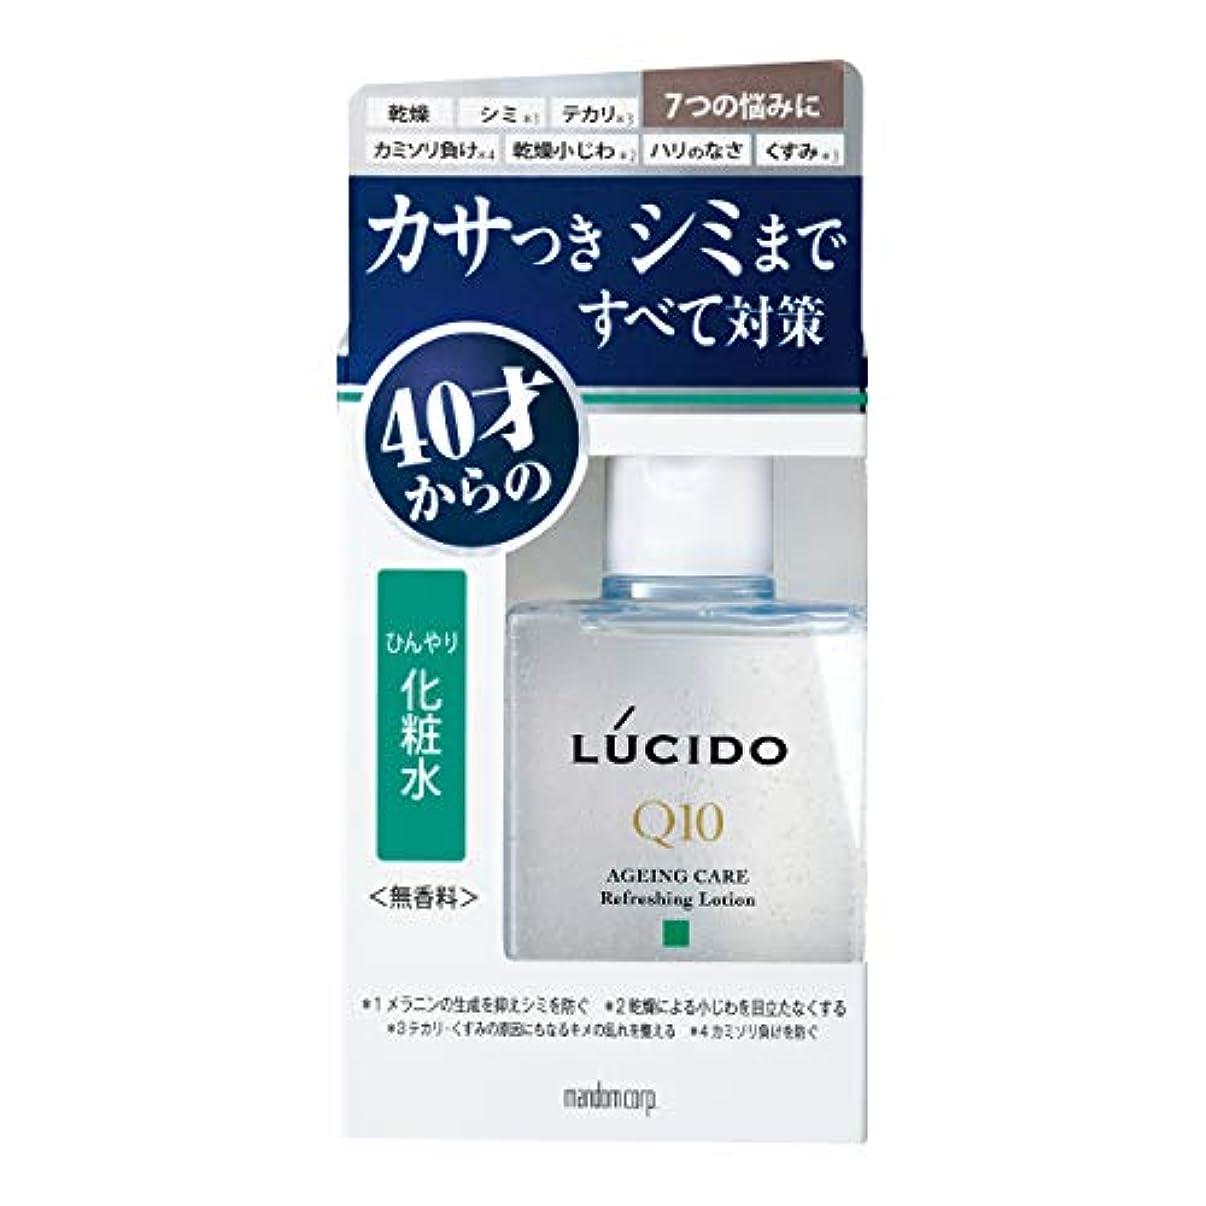 ロケット剥ぎ取るパトロンルシード(LUCIDO)薬用 トータルケアひんやり化粧水 メンズ スキンケア さっぱり 110ml(医薬部外品)